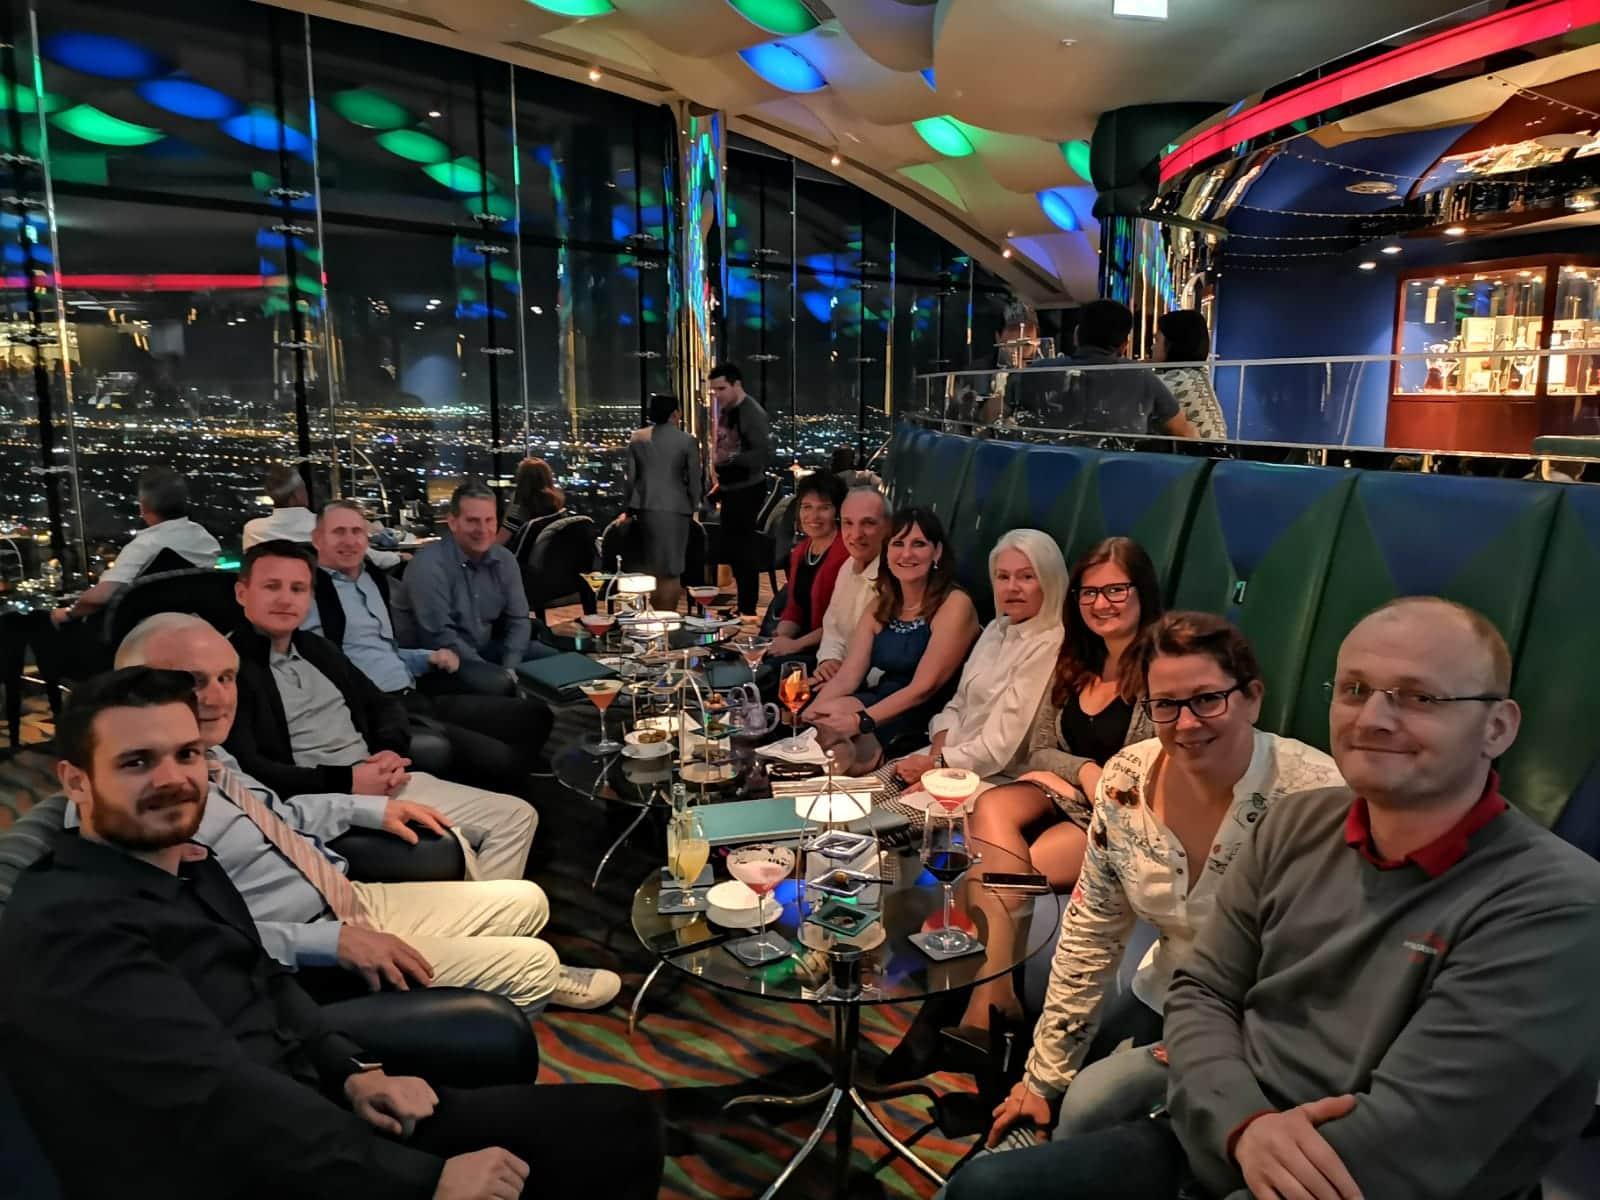 VPBZ6524 - 10.-12. Januar 2019 - 24hseries.com - 24h Dubai / VAE